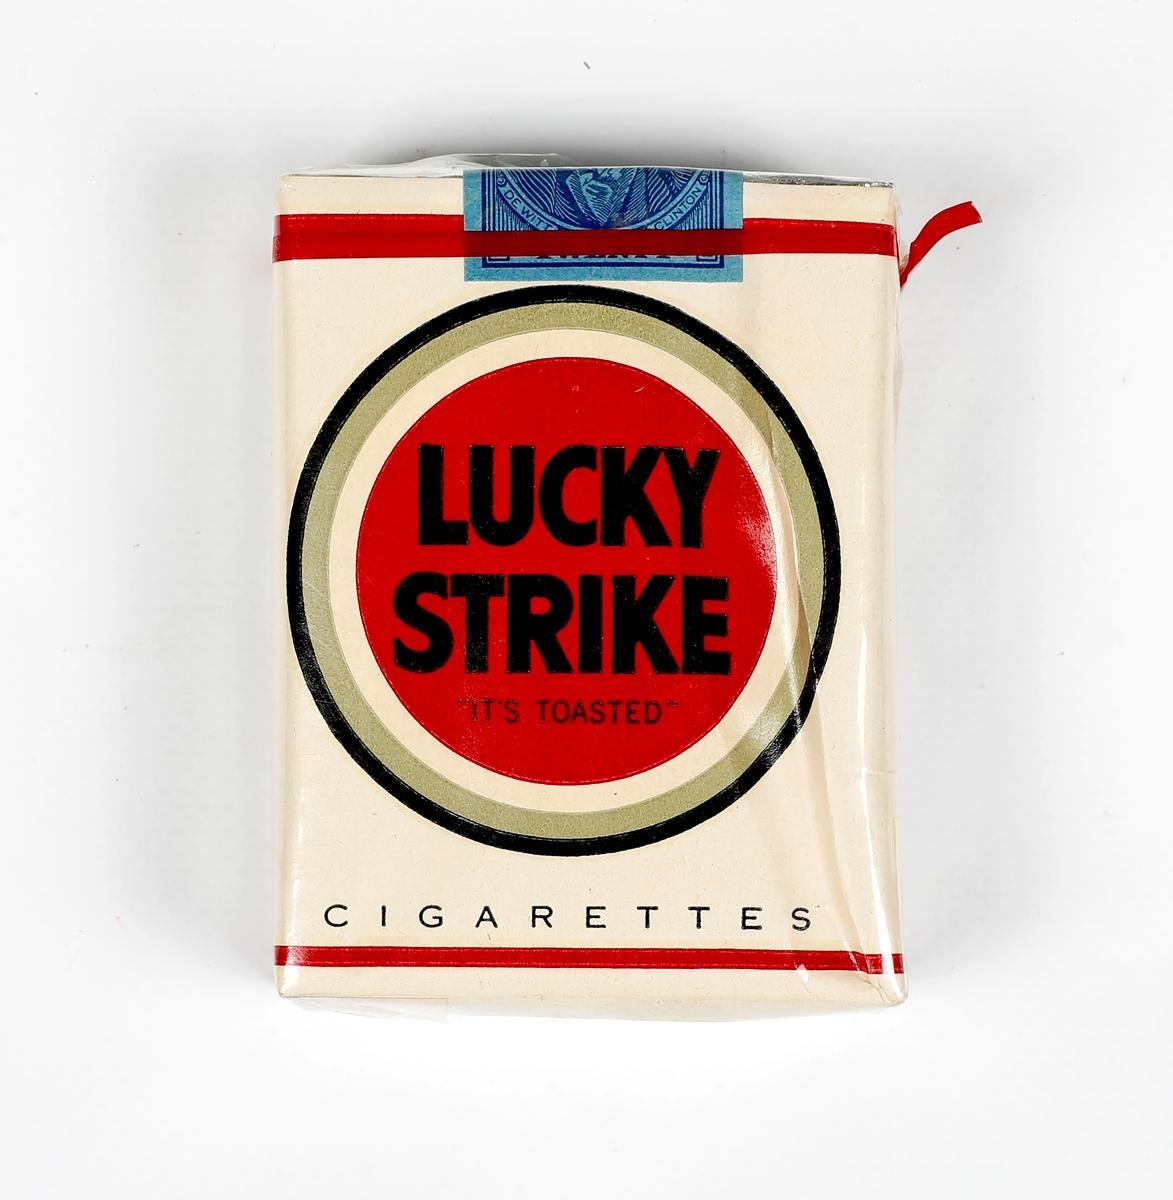 Lucky Strike sigarettpakke med plast rundt. Uåpnet. Fra Stay Behind lageret.